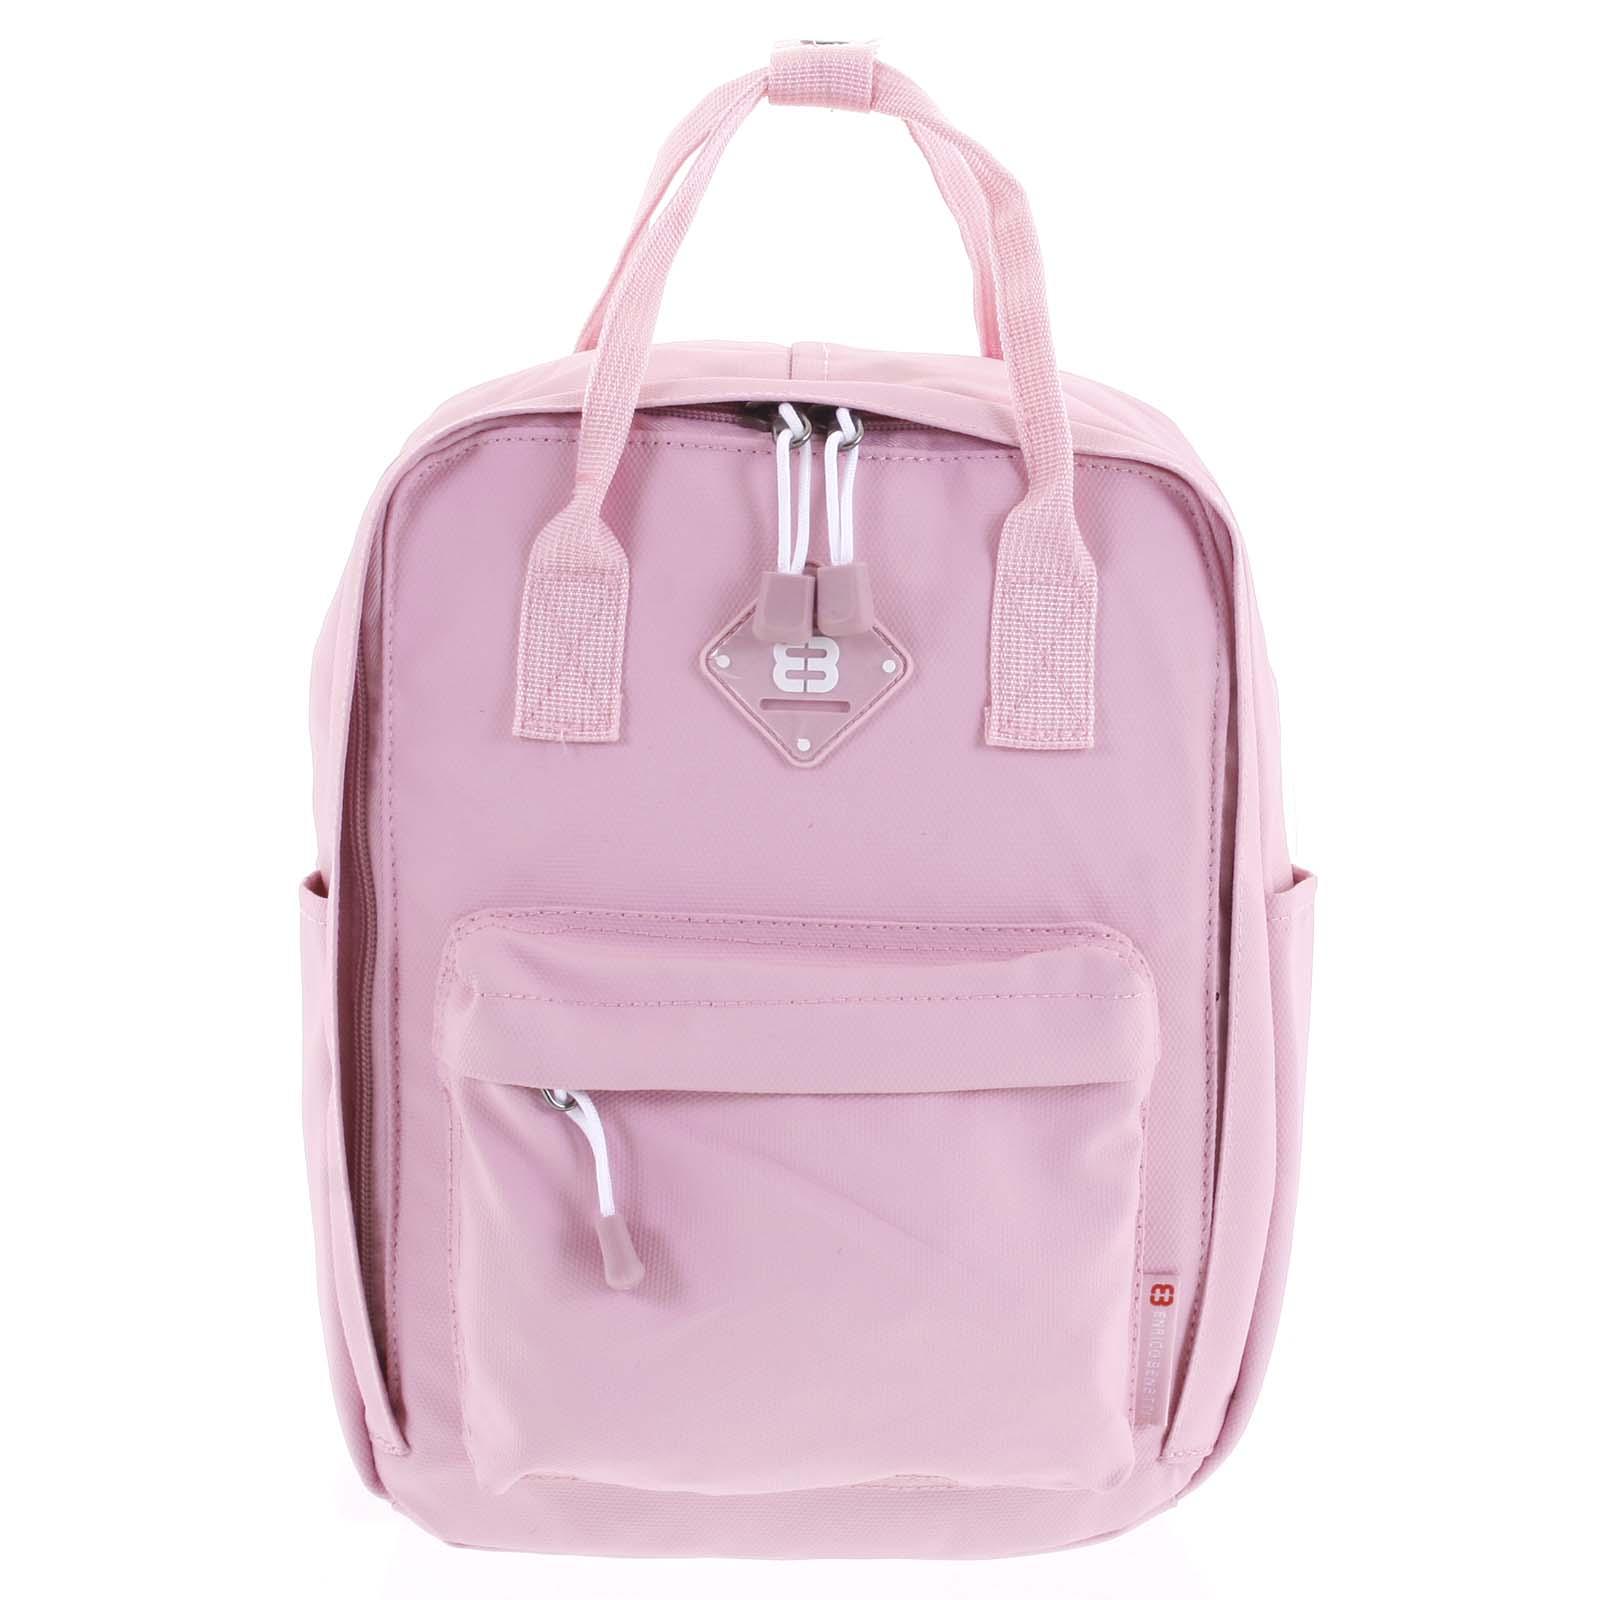 Malý dámský městský batoh růžový - Enrico Benetti Mickey